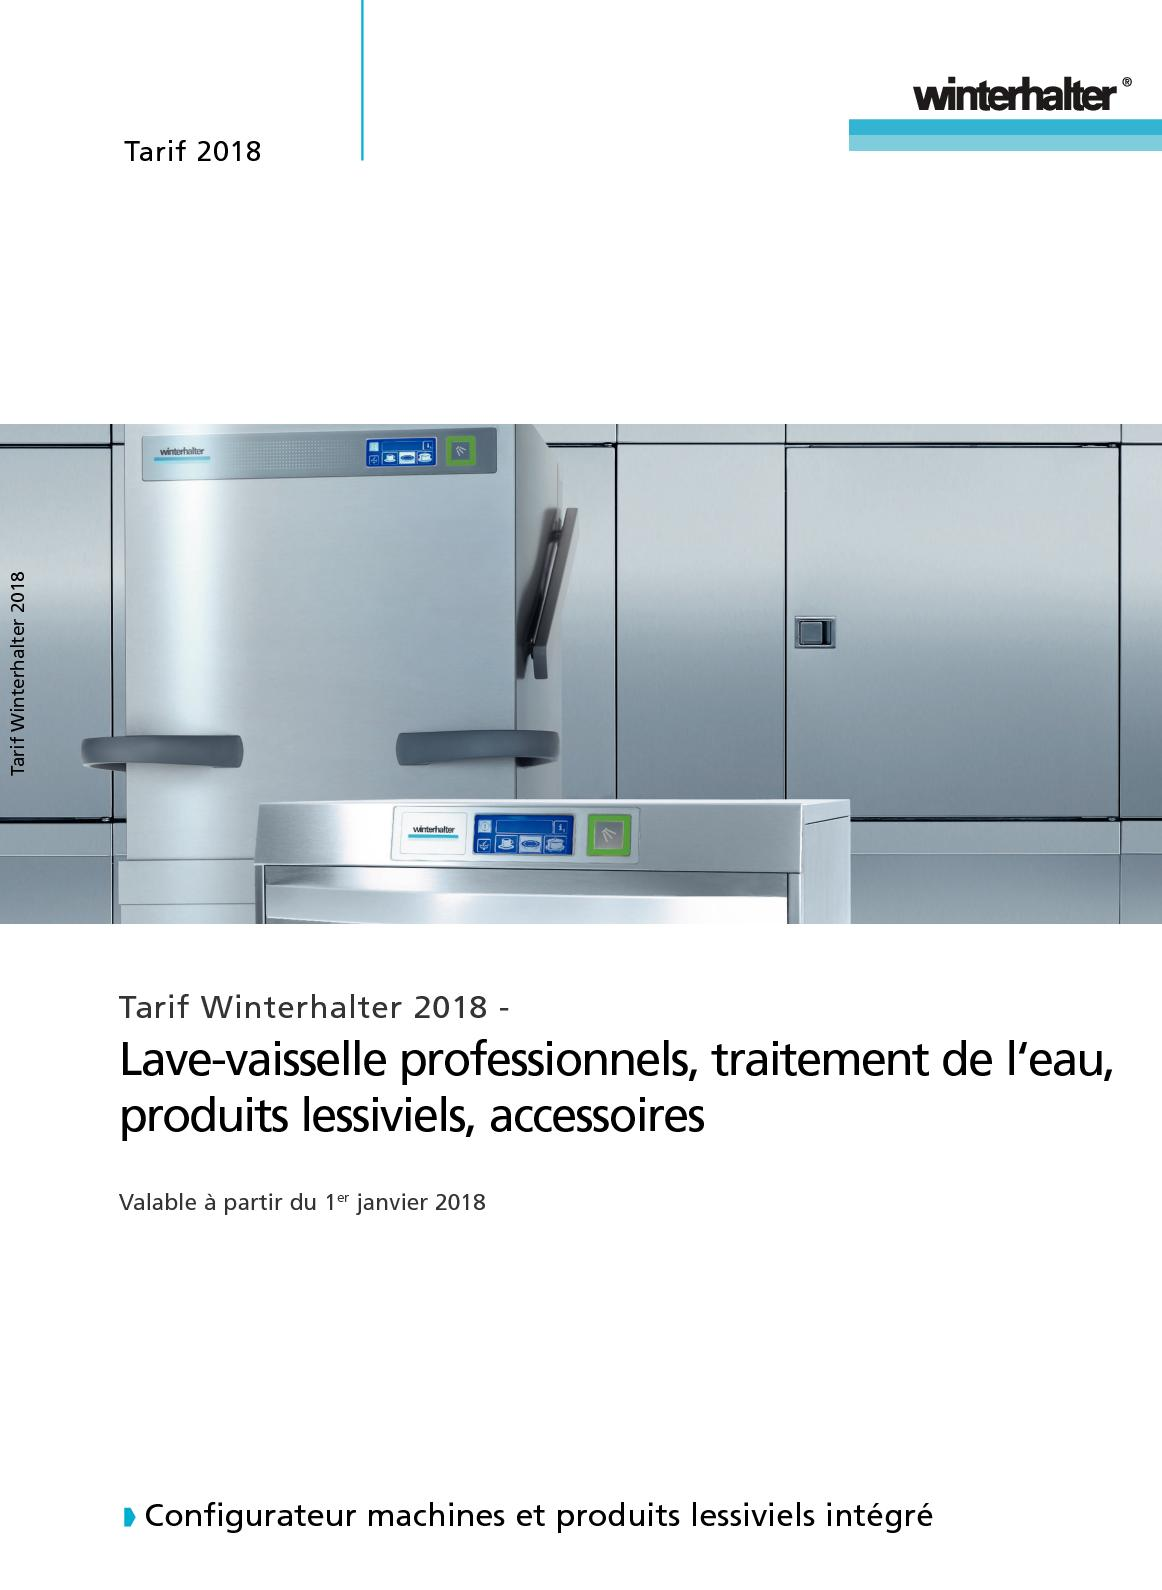 Fabriquer Socle Machine À Laver calaméo - winterhalter tarif 2018